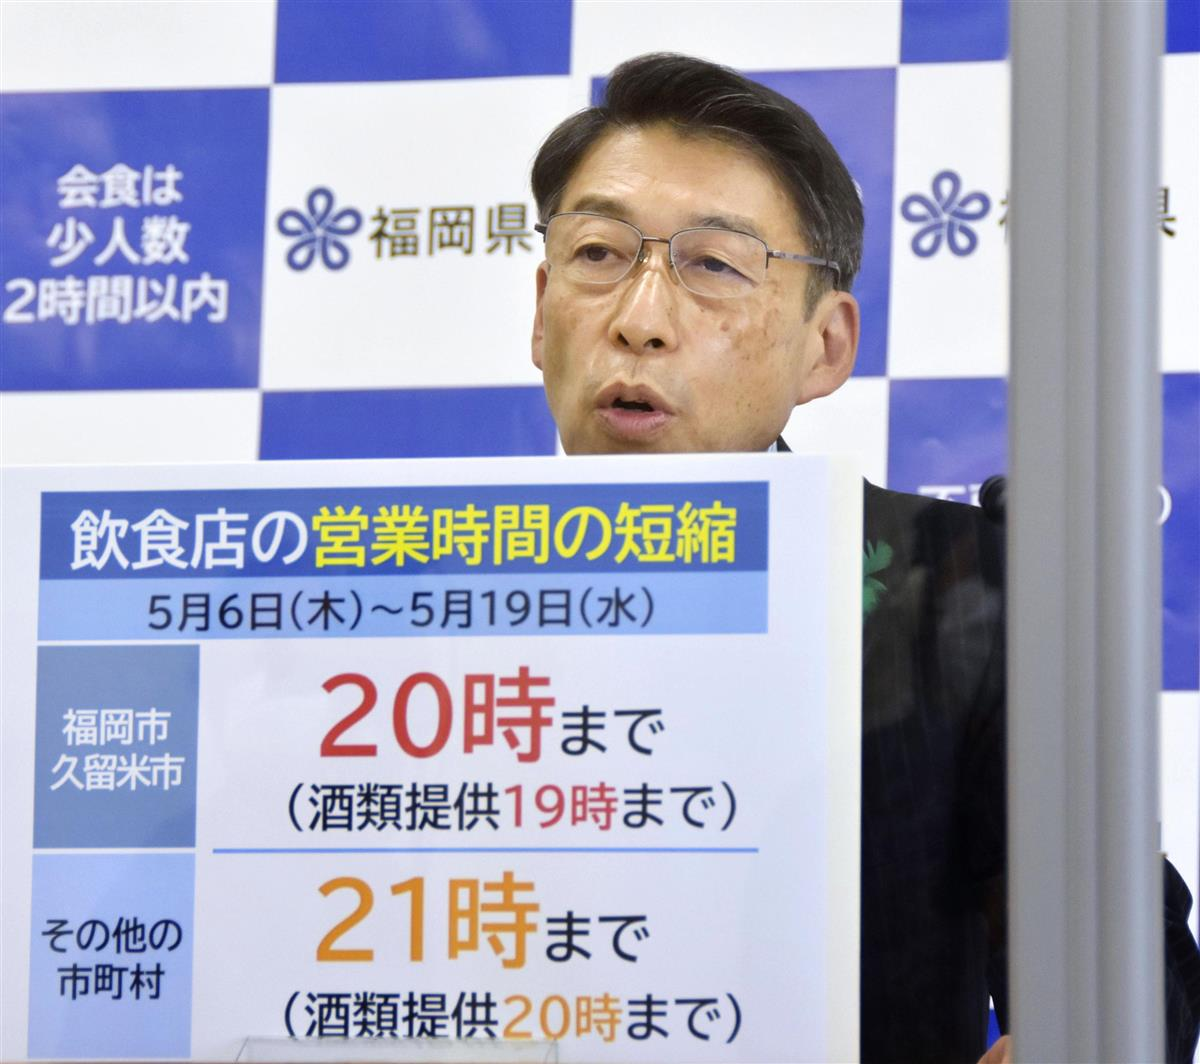 福岡県の新型コロナウイルス対策本部会議後、記者会見する服部誠太郎知事=3日午後、福岡県庁